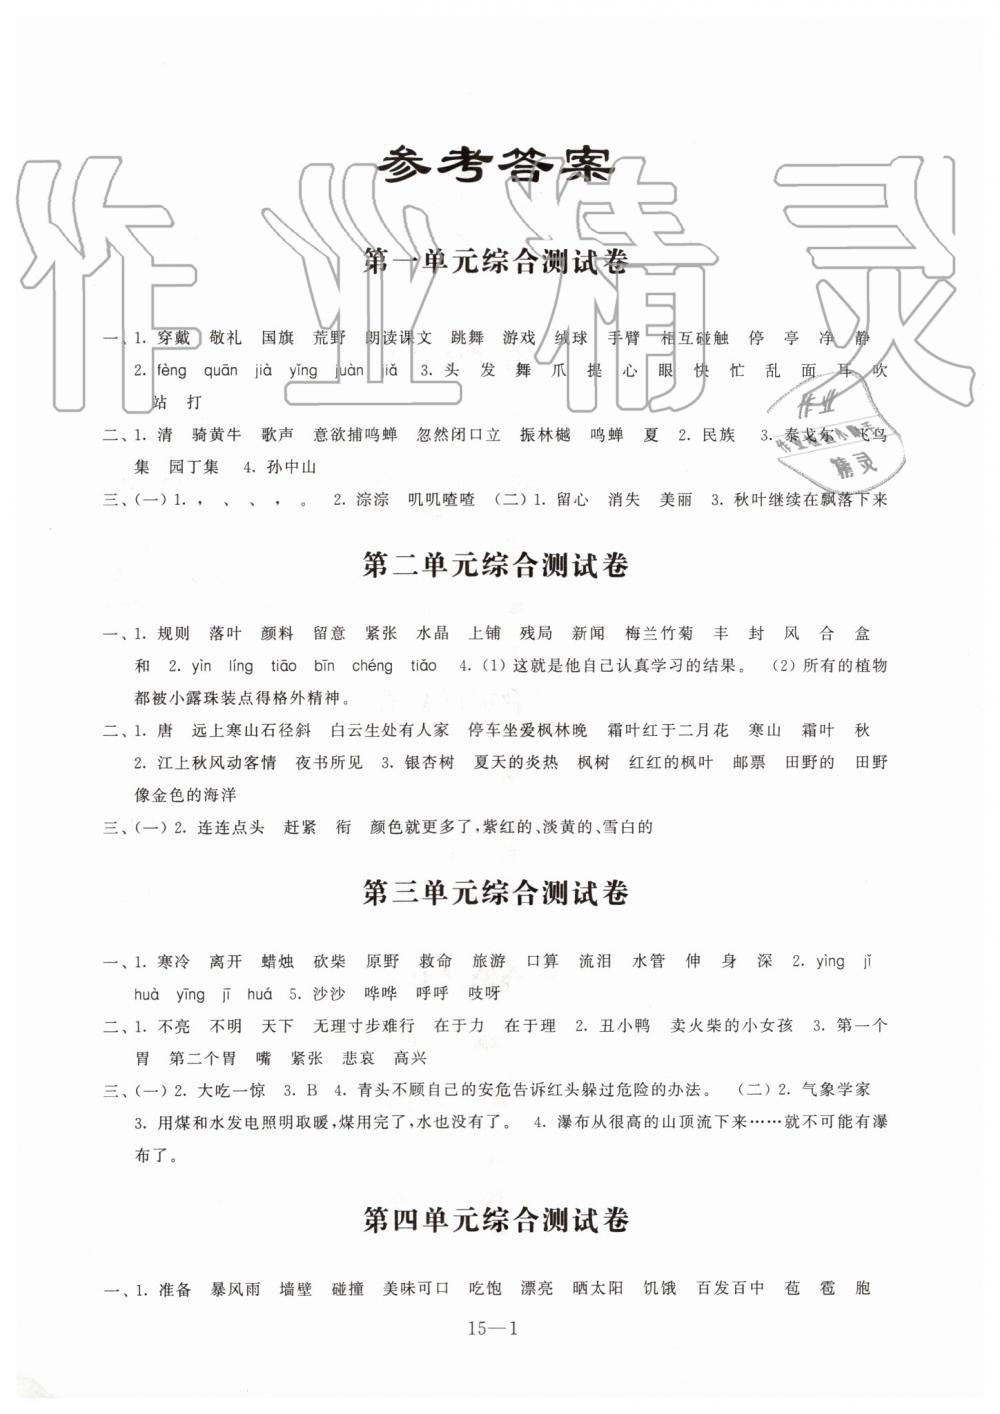 2019人教版三年级上册语文同步练习配套试卷答案